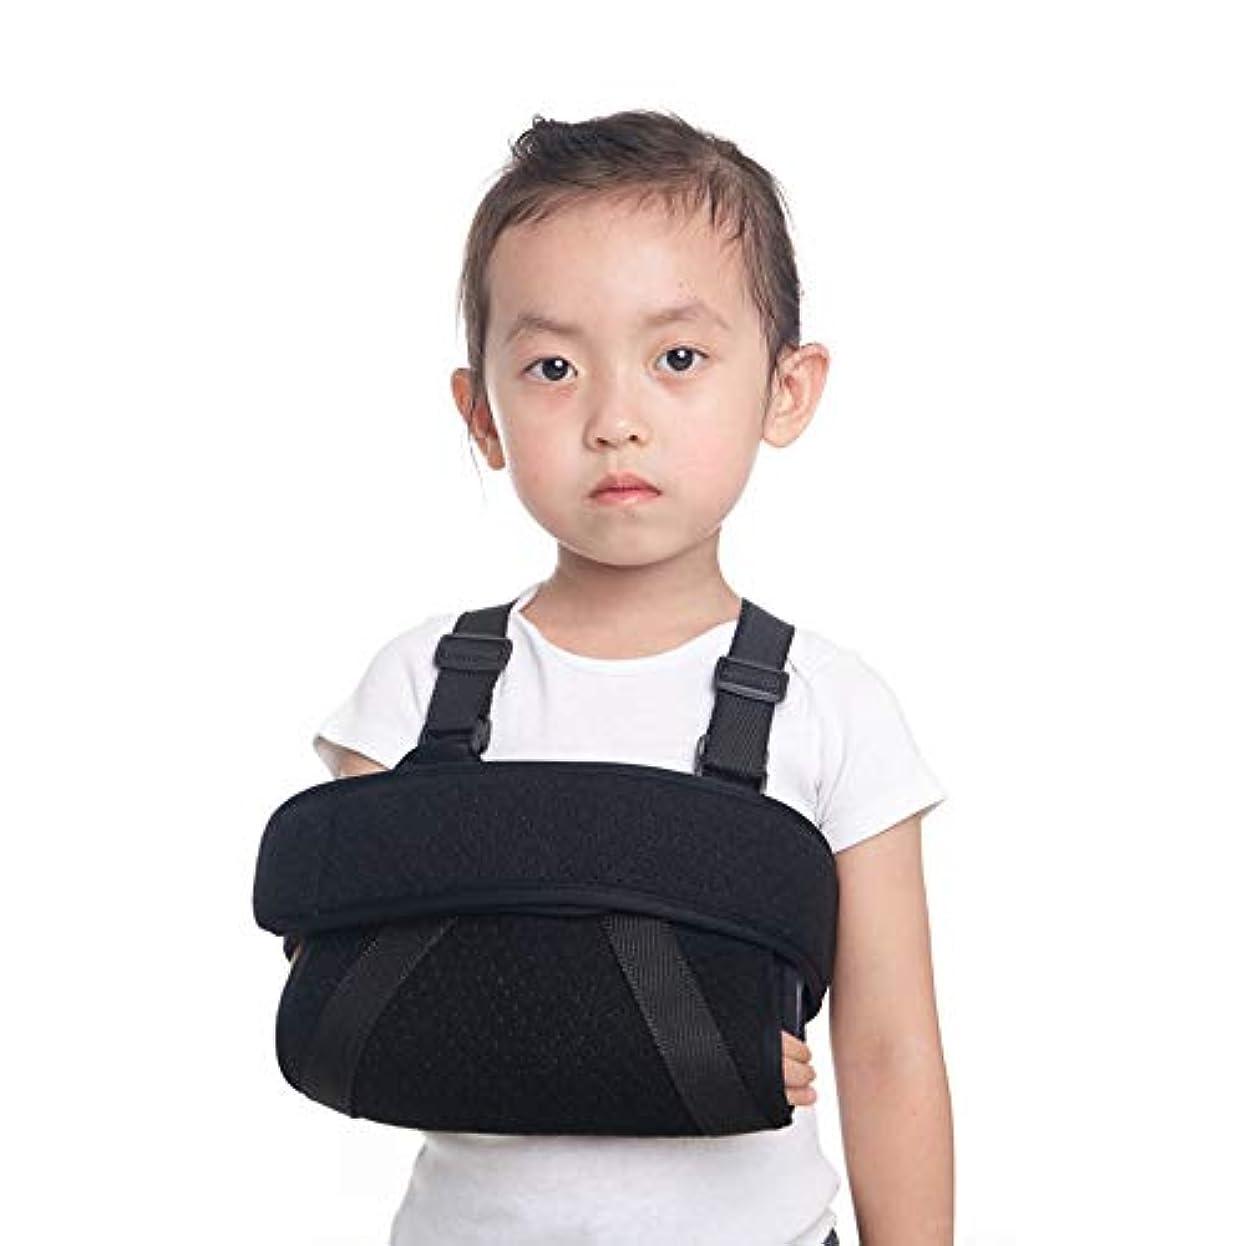 ハシー導体敬の念キッズフラクチャリングスリング、アームエルボーフラクチャ固定ブレース、6-10歳の子供の 手首脱臼保護サポート